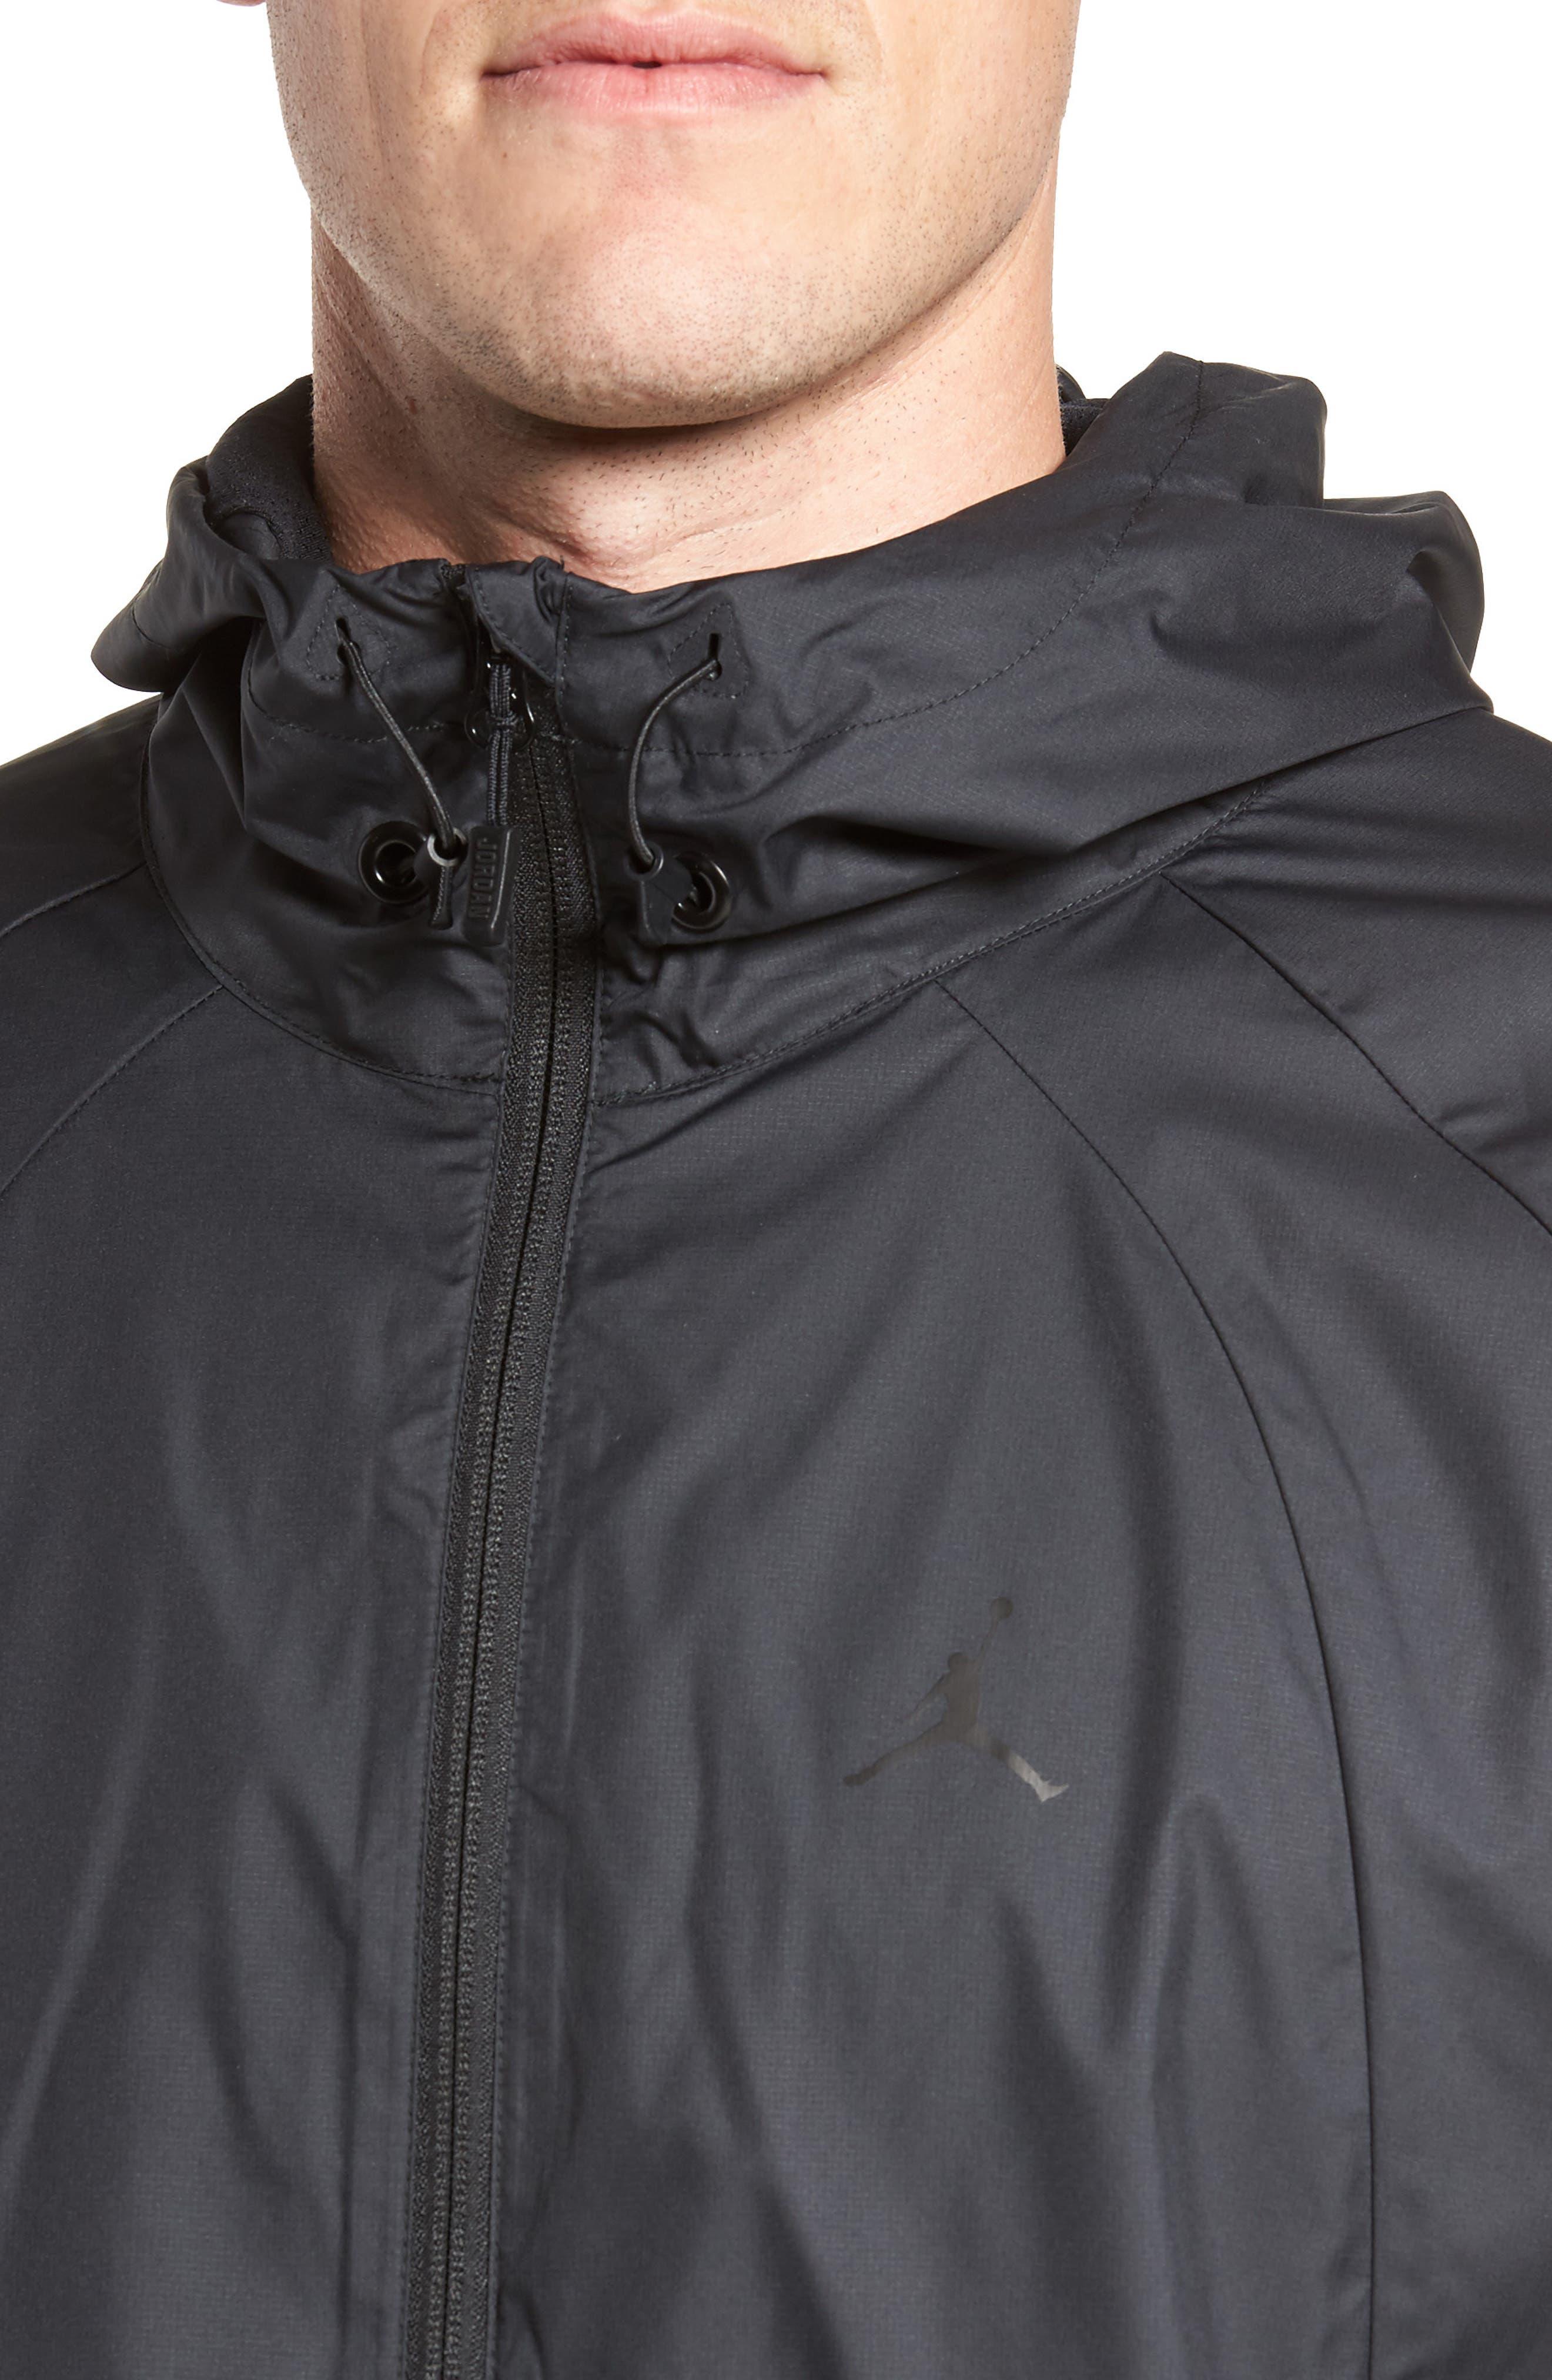 Sportswear Wings Windbreaker Jacket,                             Alternate thumbnail 4, color,                             010